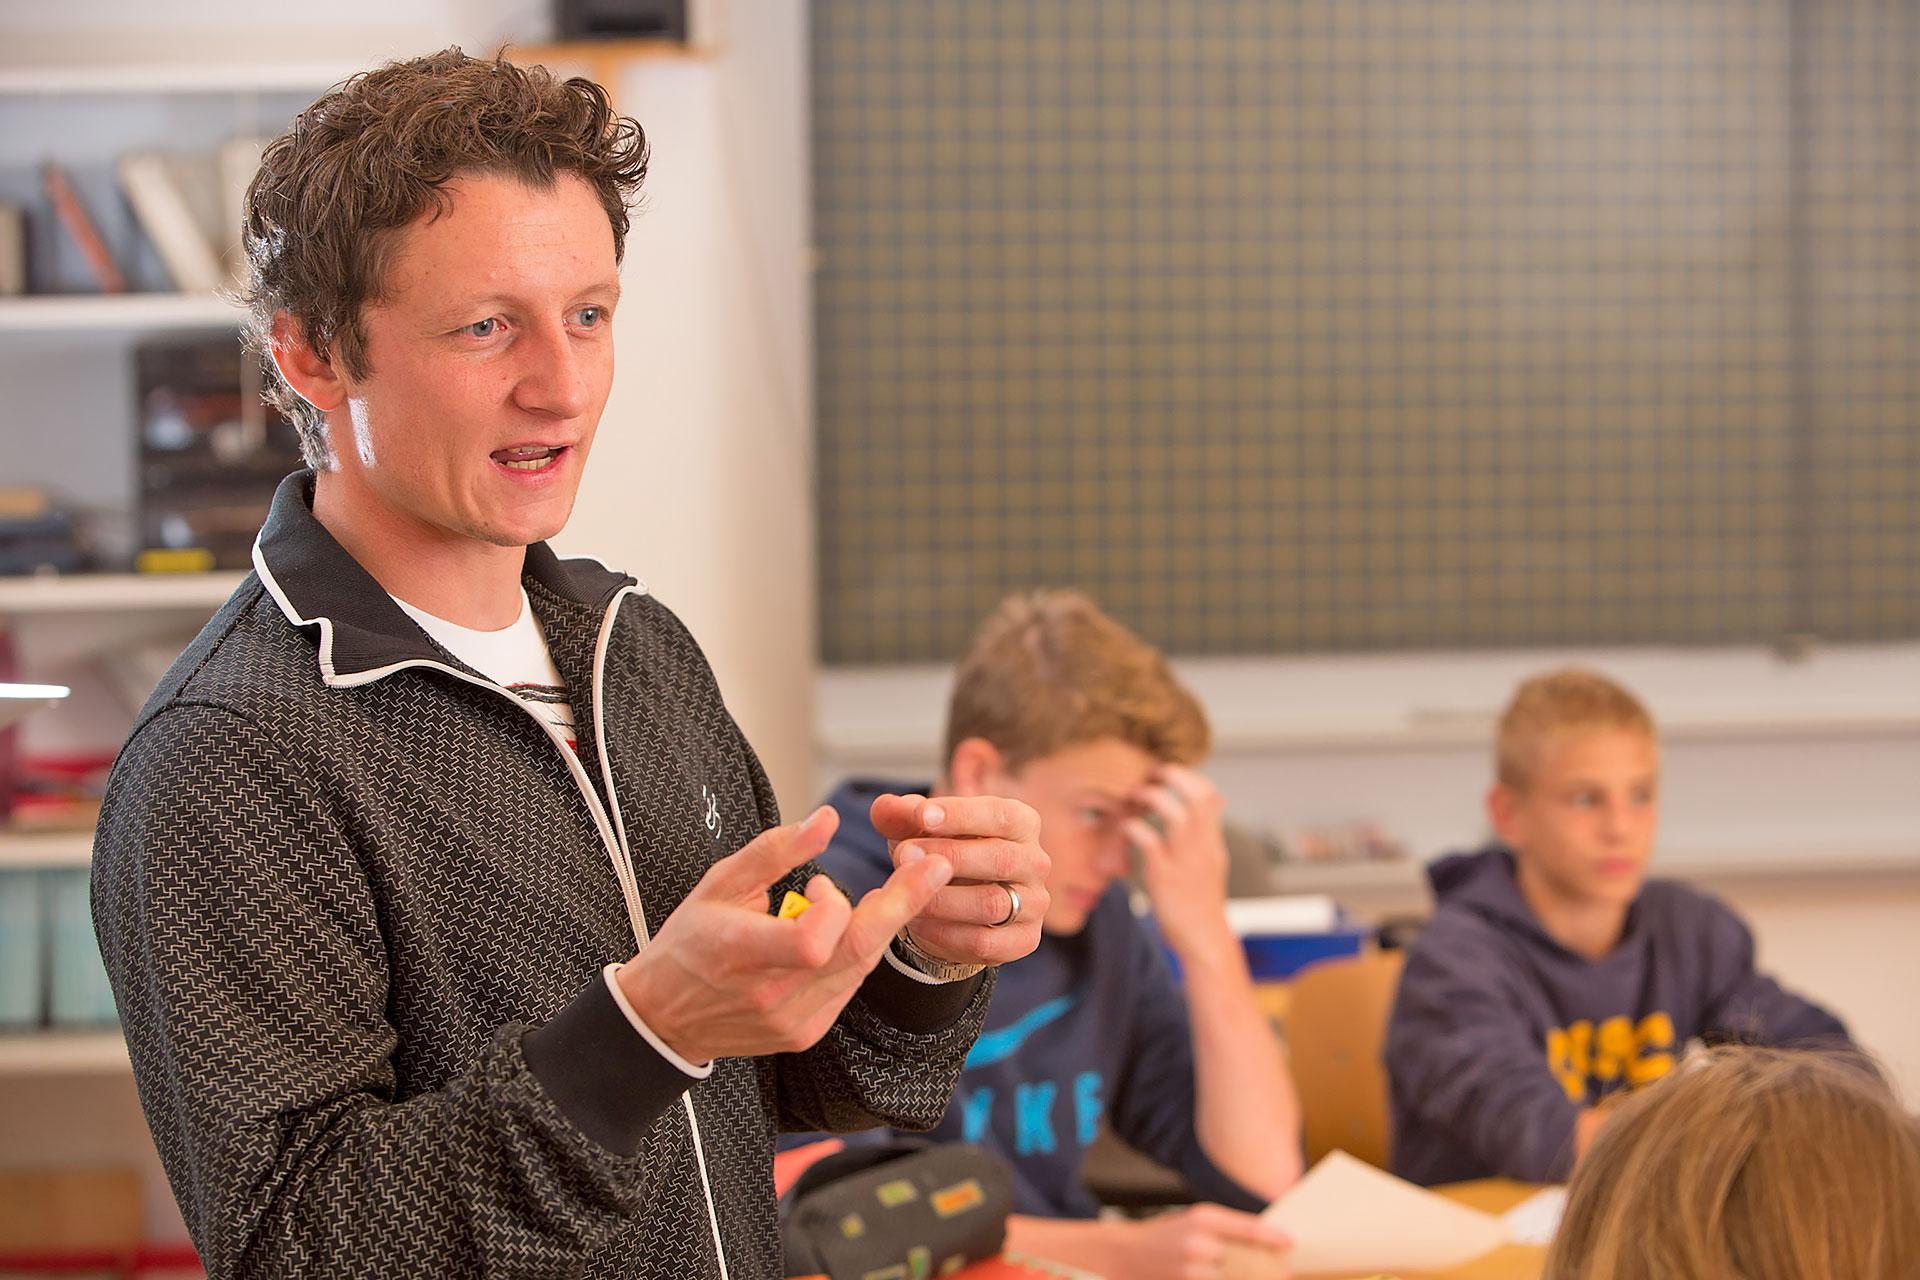 Lehrer erklärt vor der Klasse